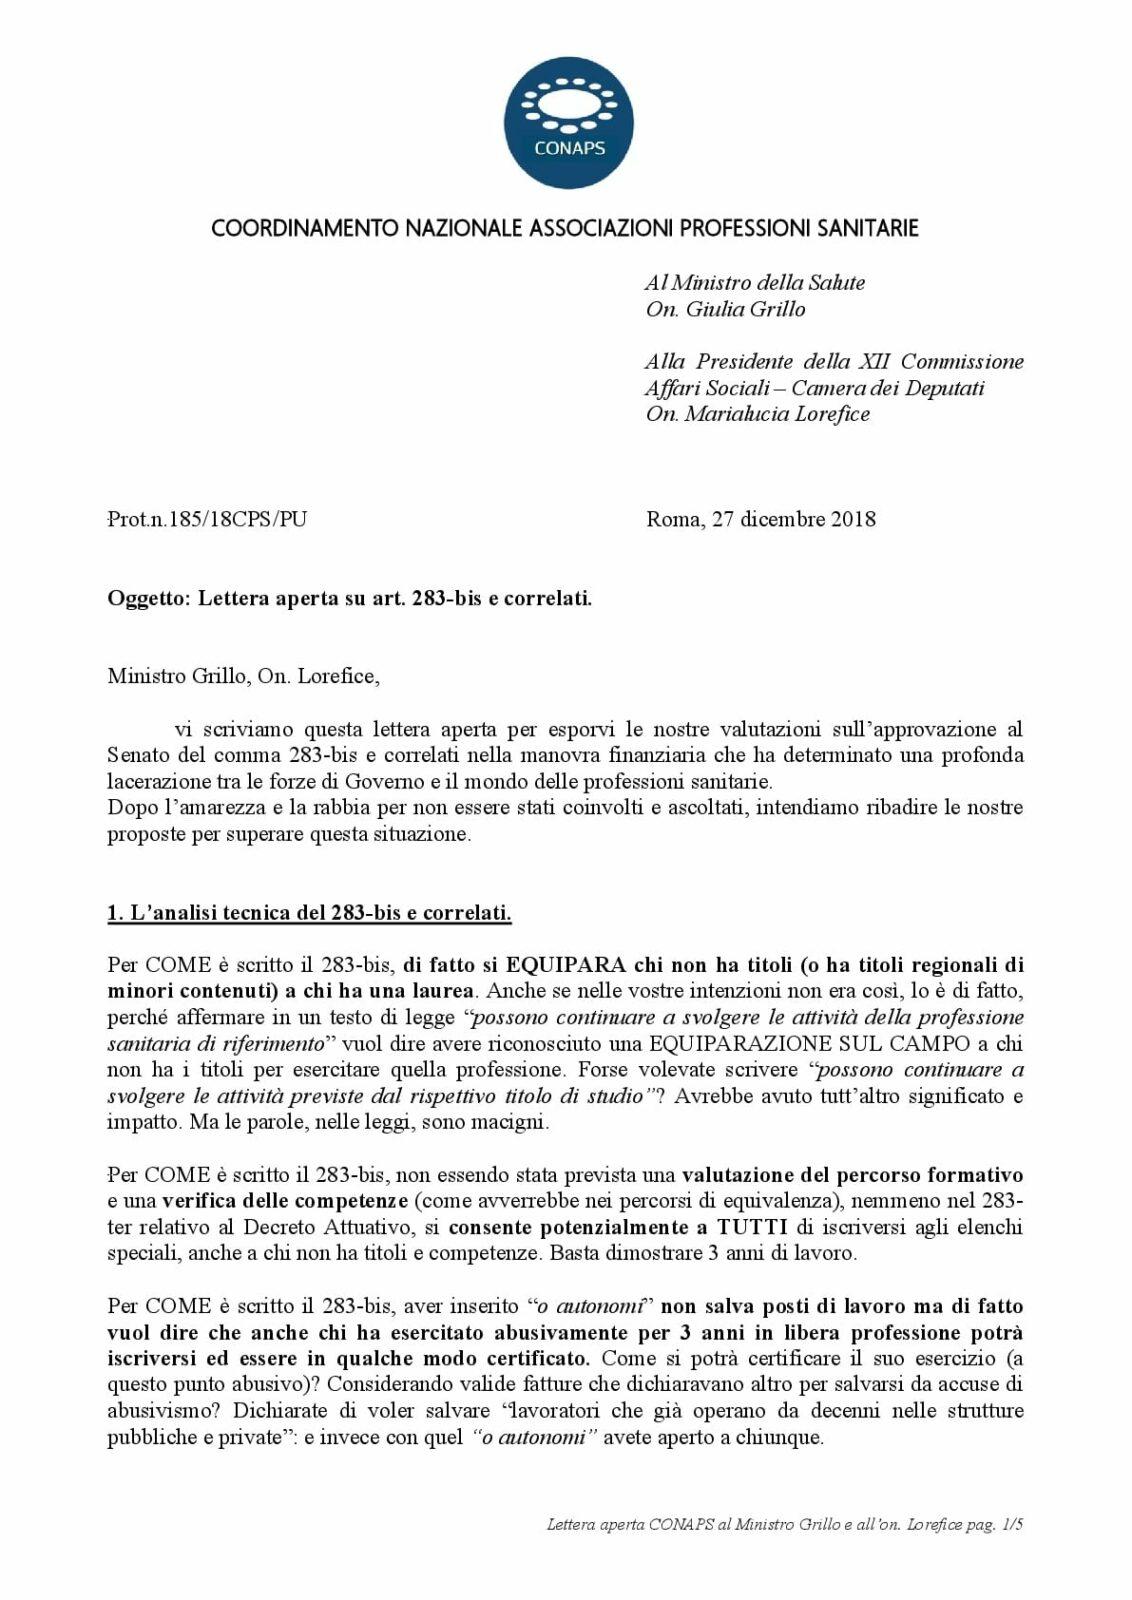 Lettera aperta CONAPS al Ministro Grillo e a on Lorefice 001